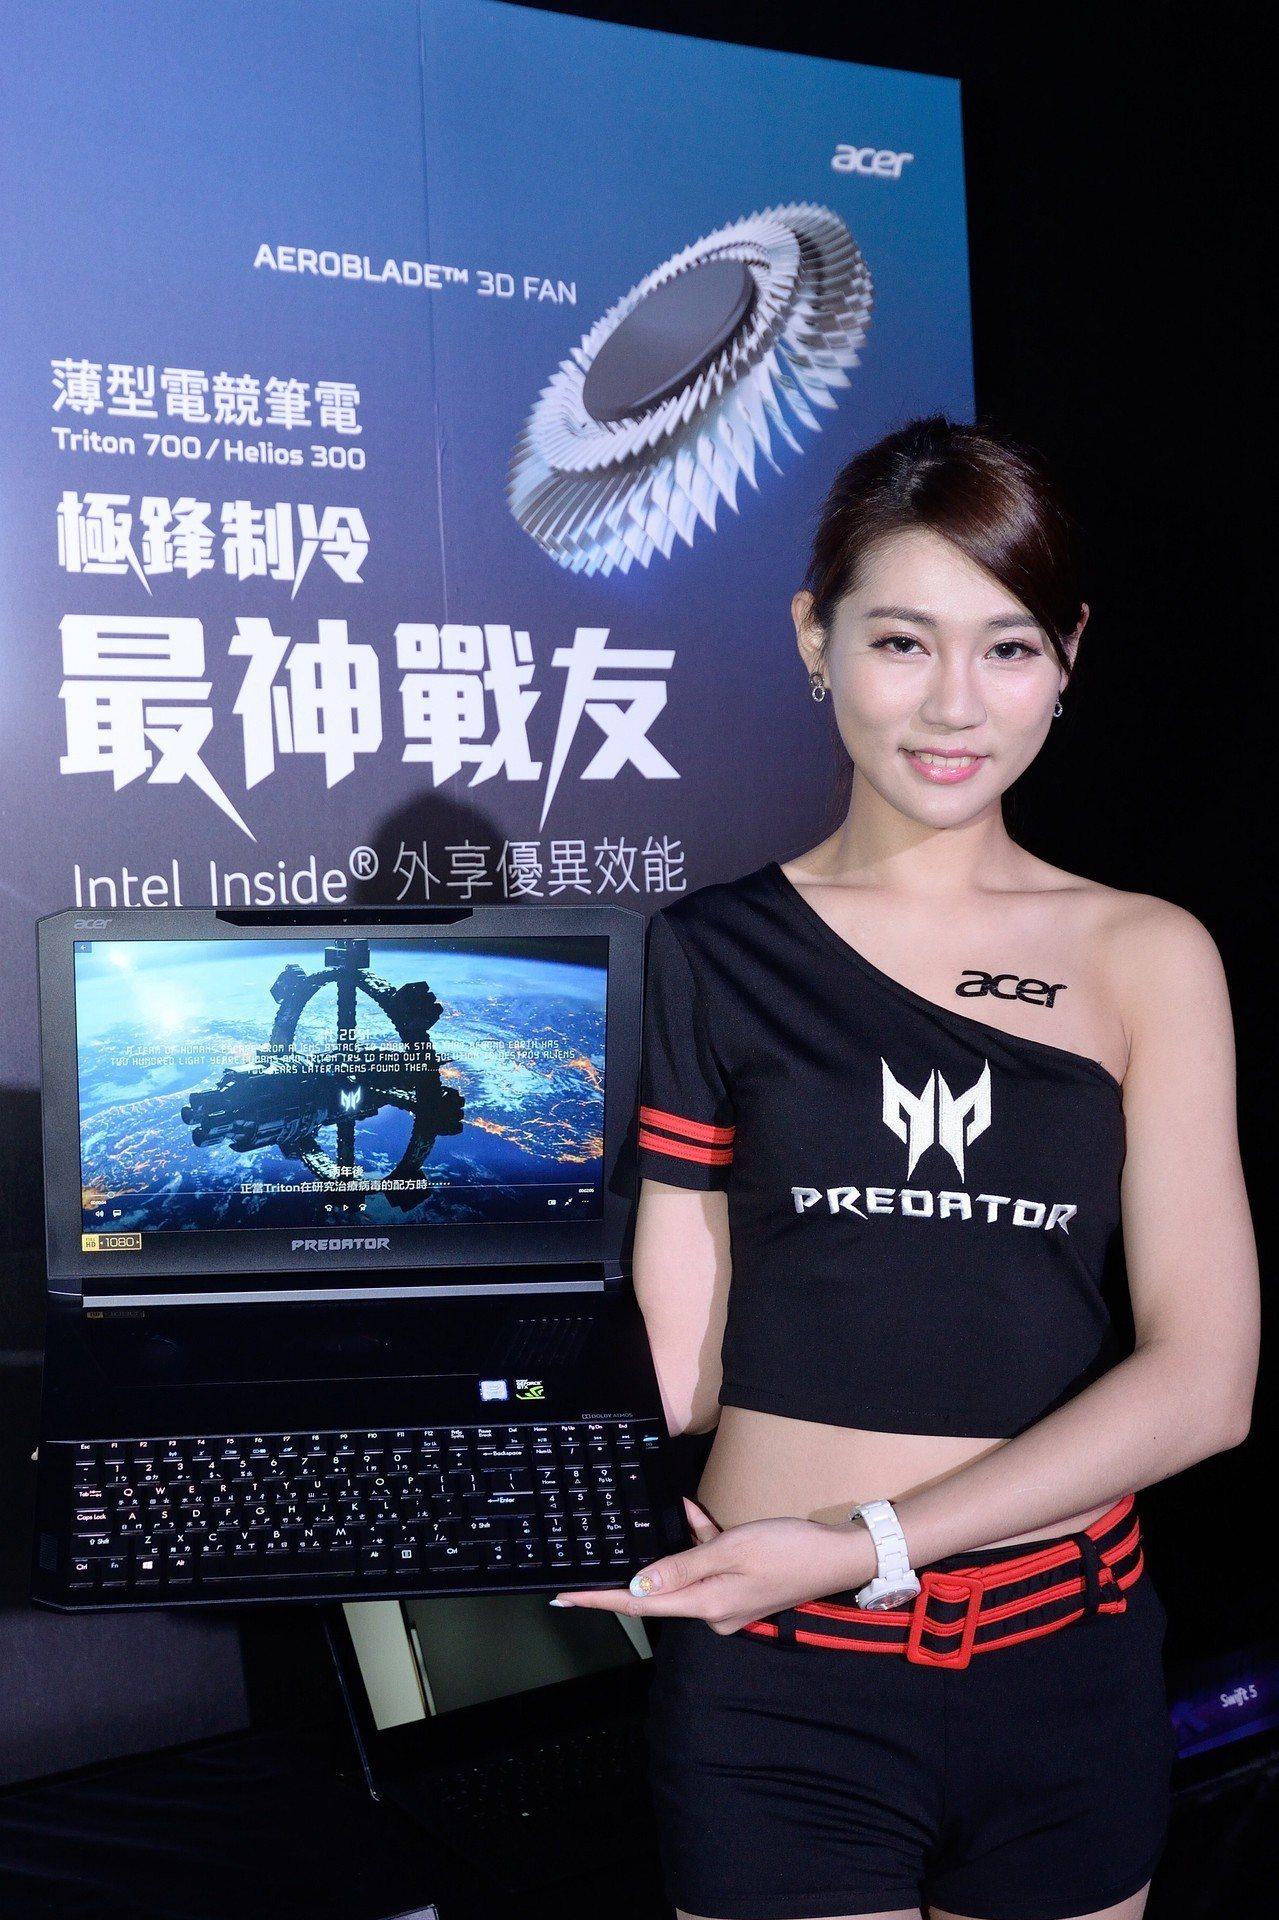 宏碁輕薄電競筆電Predator Triton 700,纖薄與效能兼具。圖/宏碁...